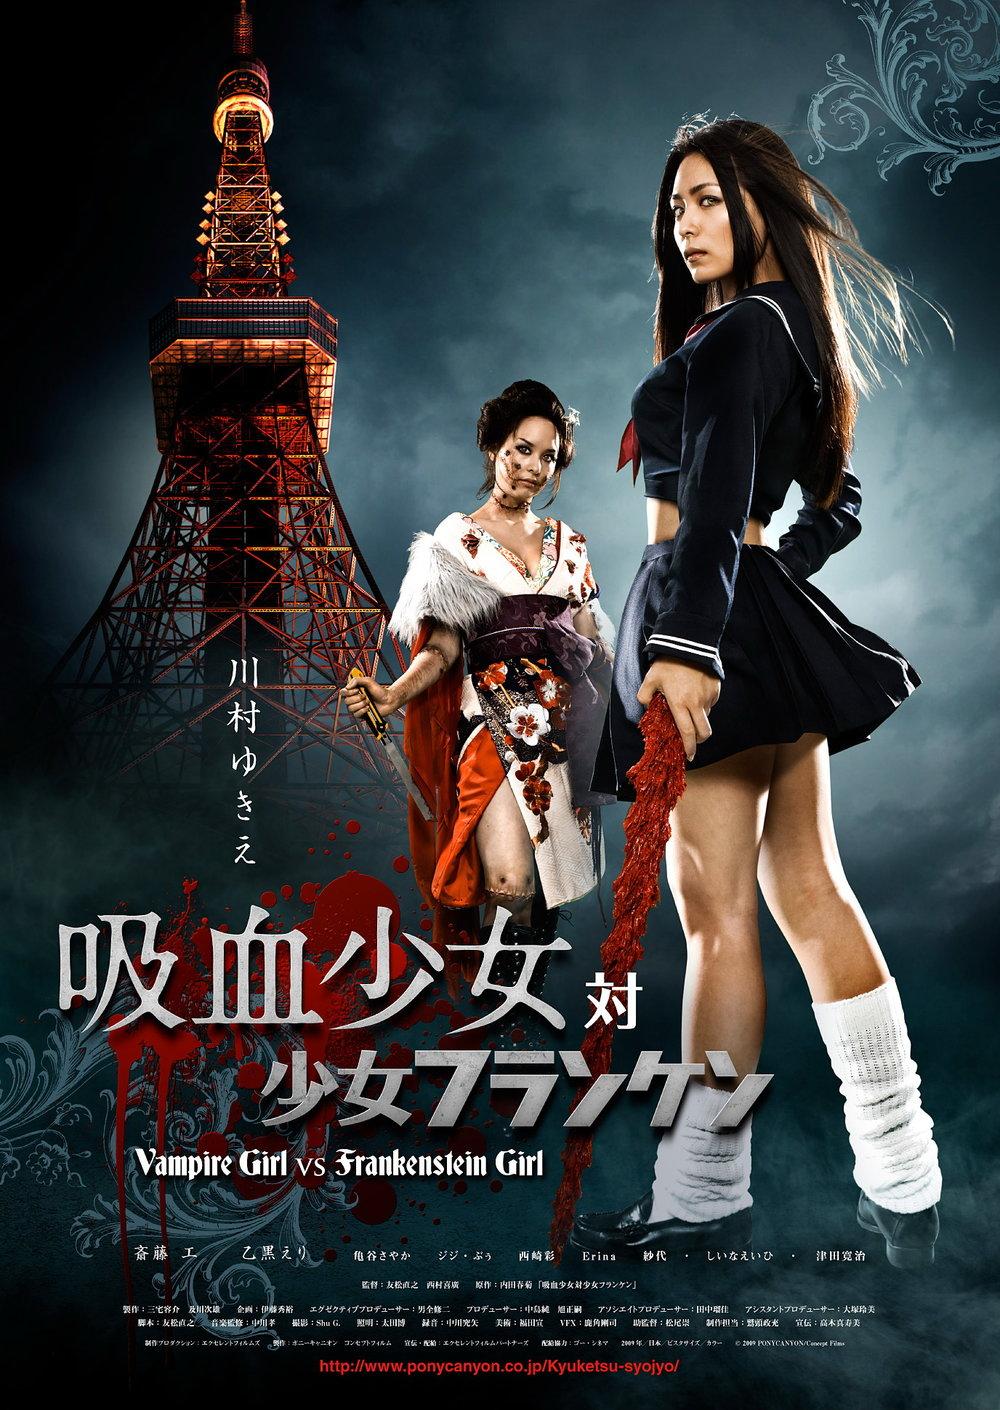 Vampire-Girl-Vs-Frankenstein-Girl.jpg